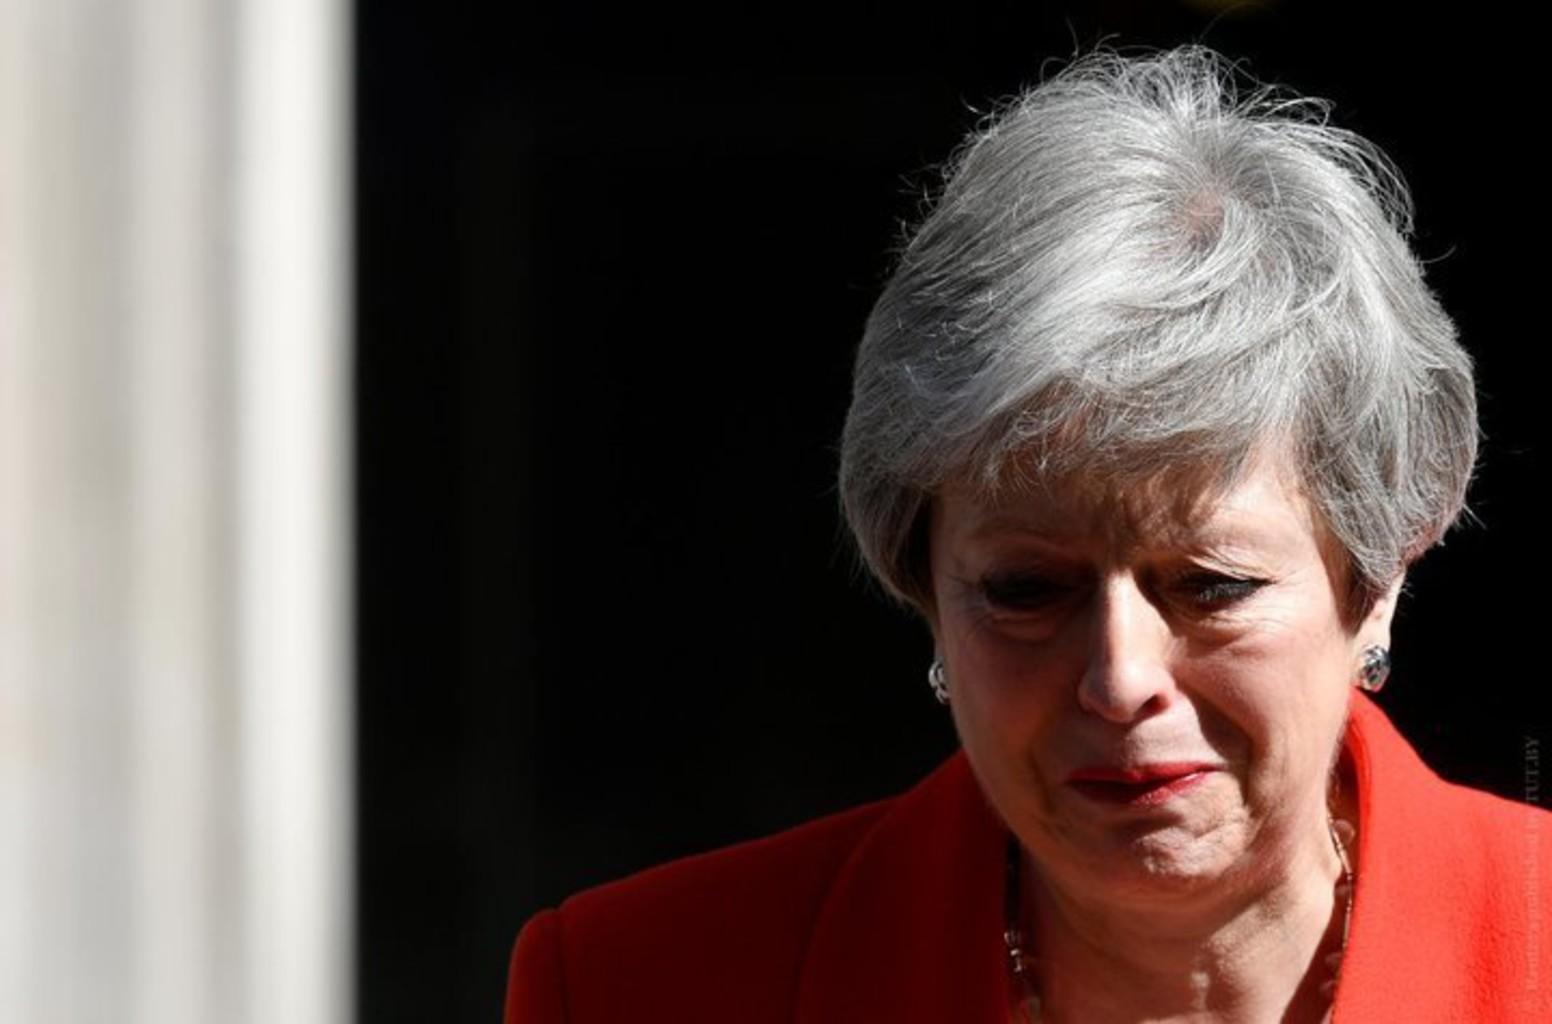 Тереза Мэй объявила о своей отставке с поста премьер-министра Великобритании. Фото: Reuters